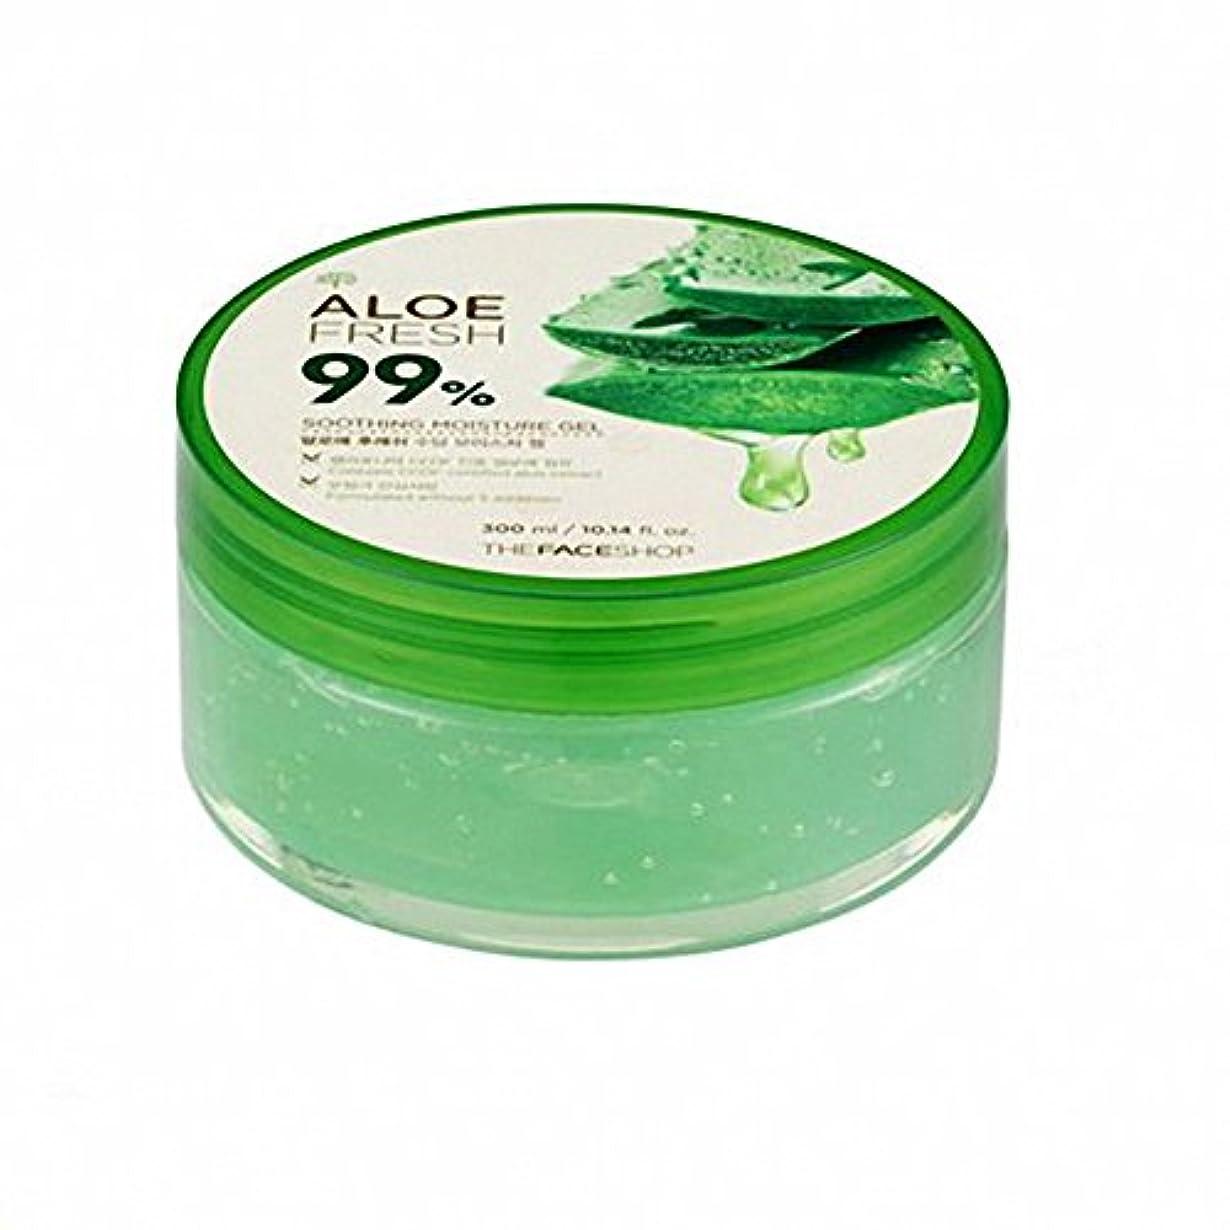 保険をかける費用数学者ザ·フェイスショップ The Face Shopアロエフレッシュスージングモイスチャージェル(300ml) The Face Shop Aloe Fresh Soothing Moisture Gel 300ml [海外直送品]